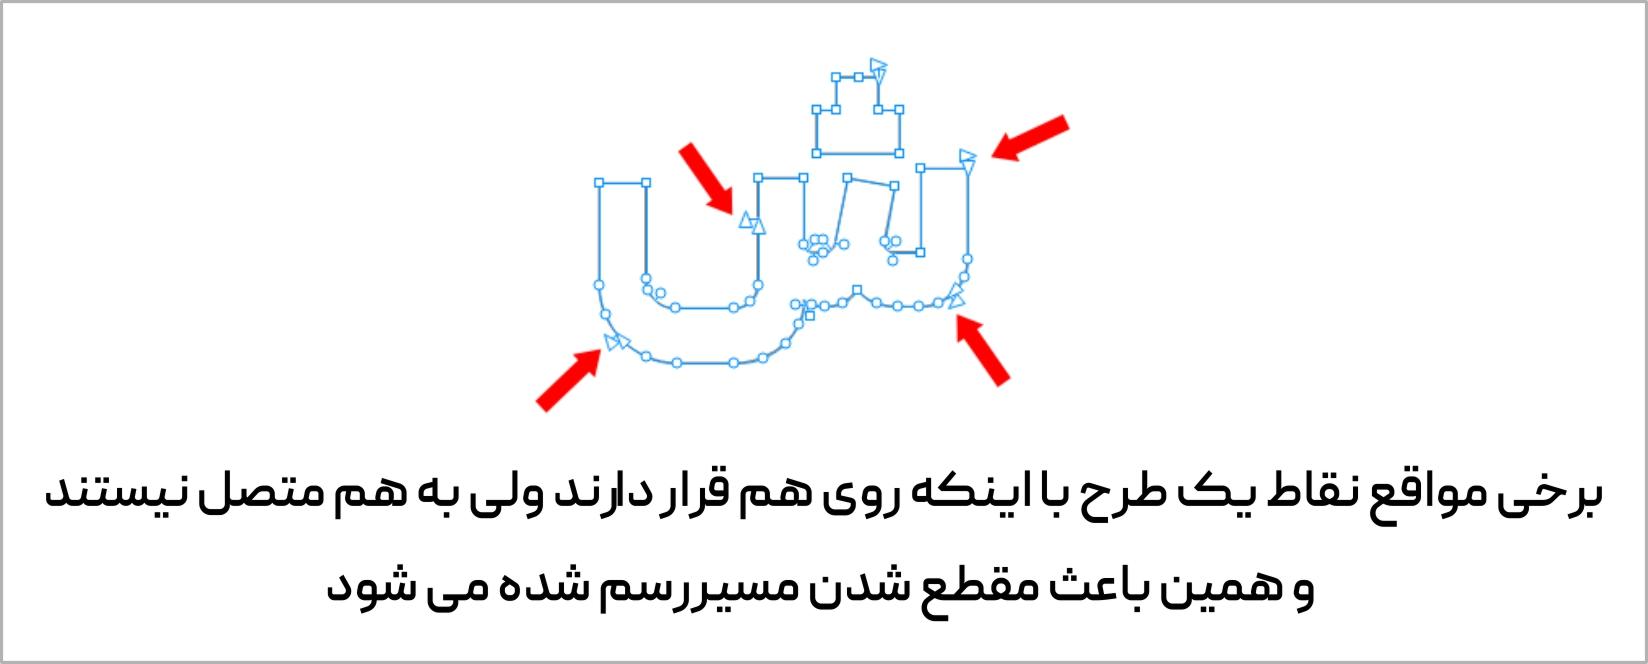 یکپارچه کردن خطوط ایران لیزرکات